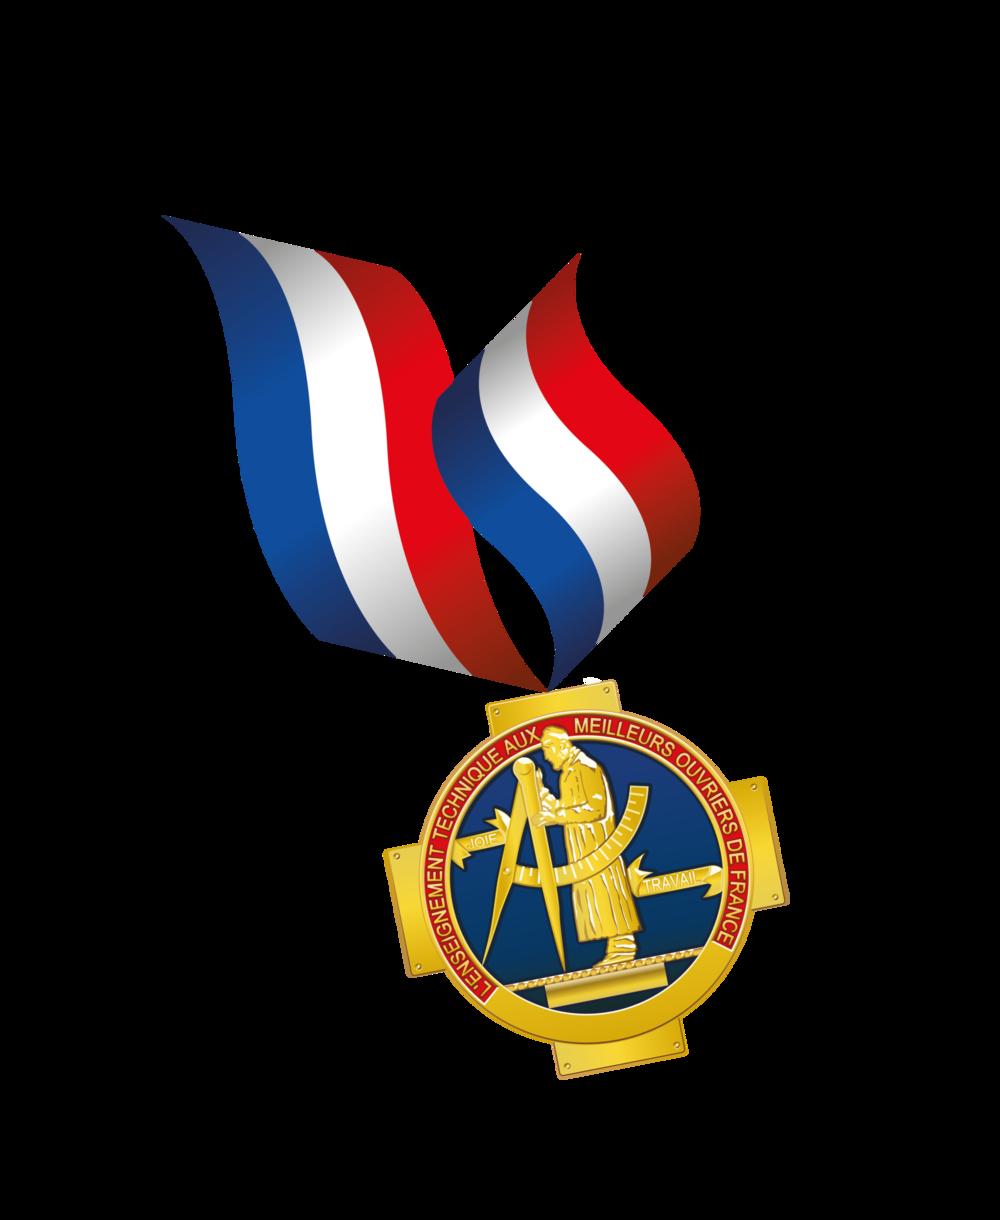 Meilleur Ouvrier de France - Unique to the French Republic, the